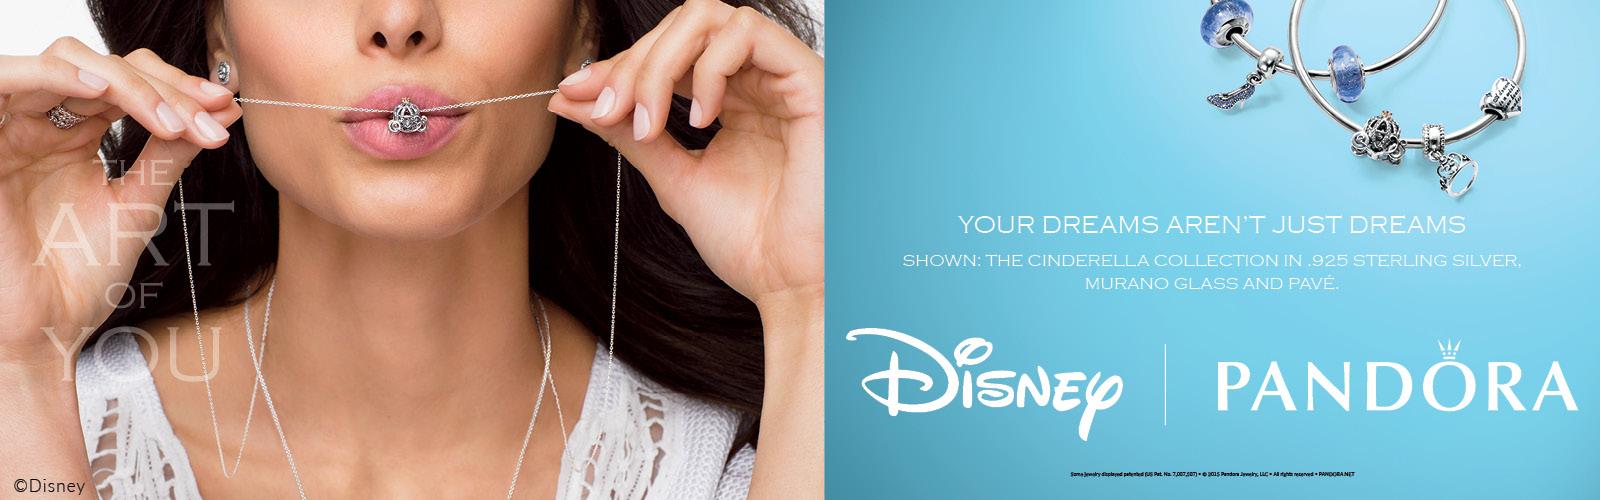 Pandora Disney Charms Spring 2015